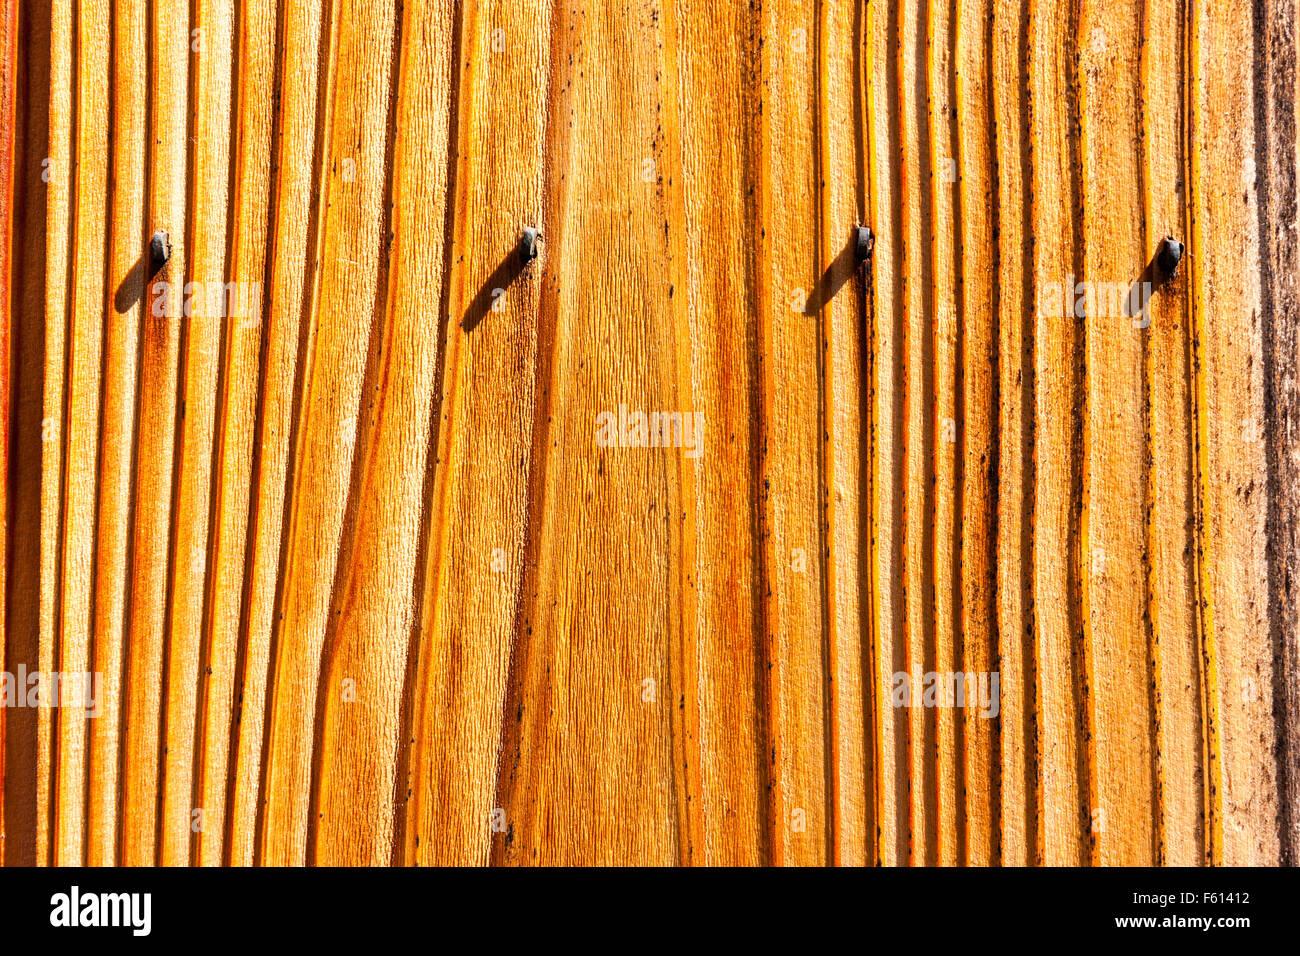 Japanische Wand kyoto gion nahaufnahme traditionelle japanische holzzaun